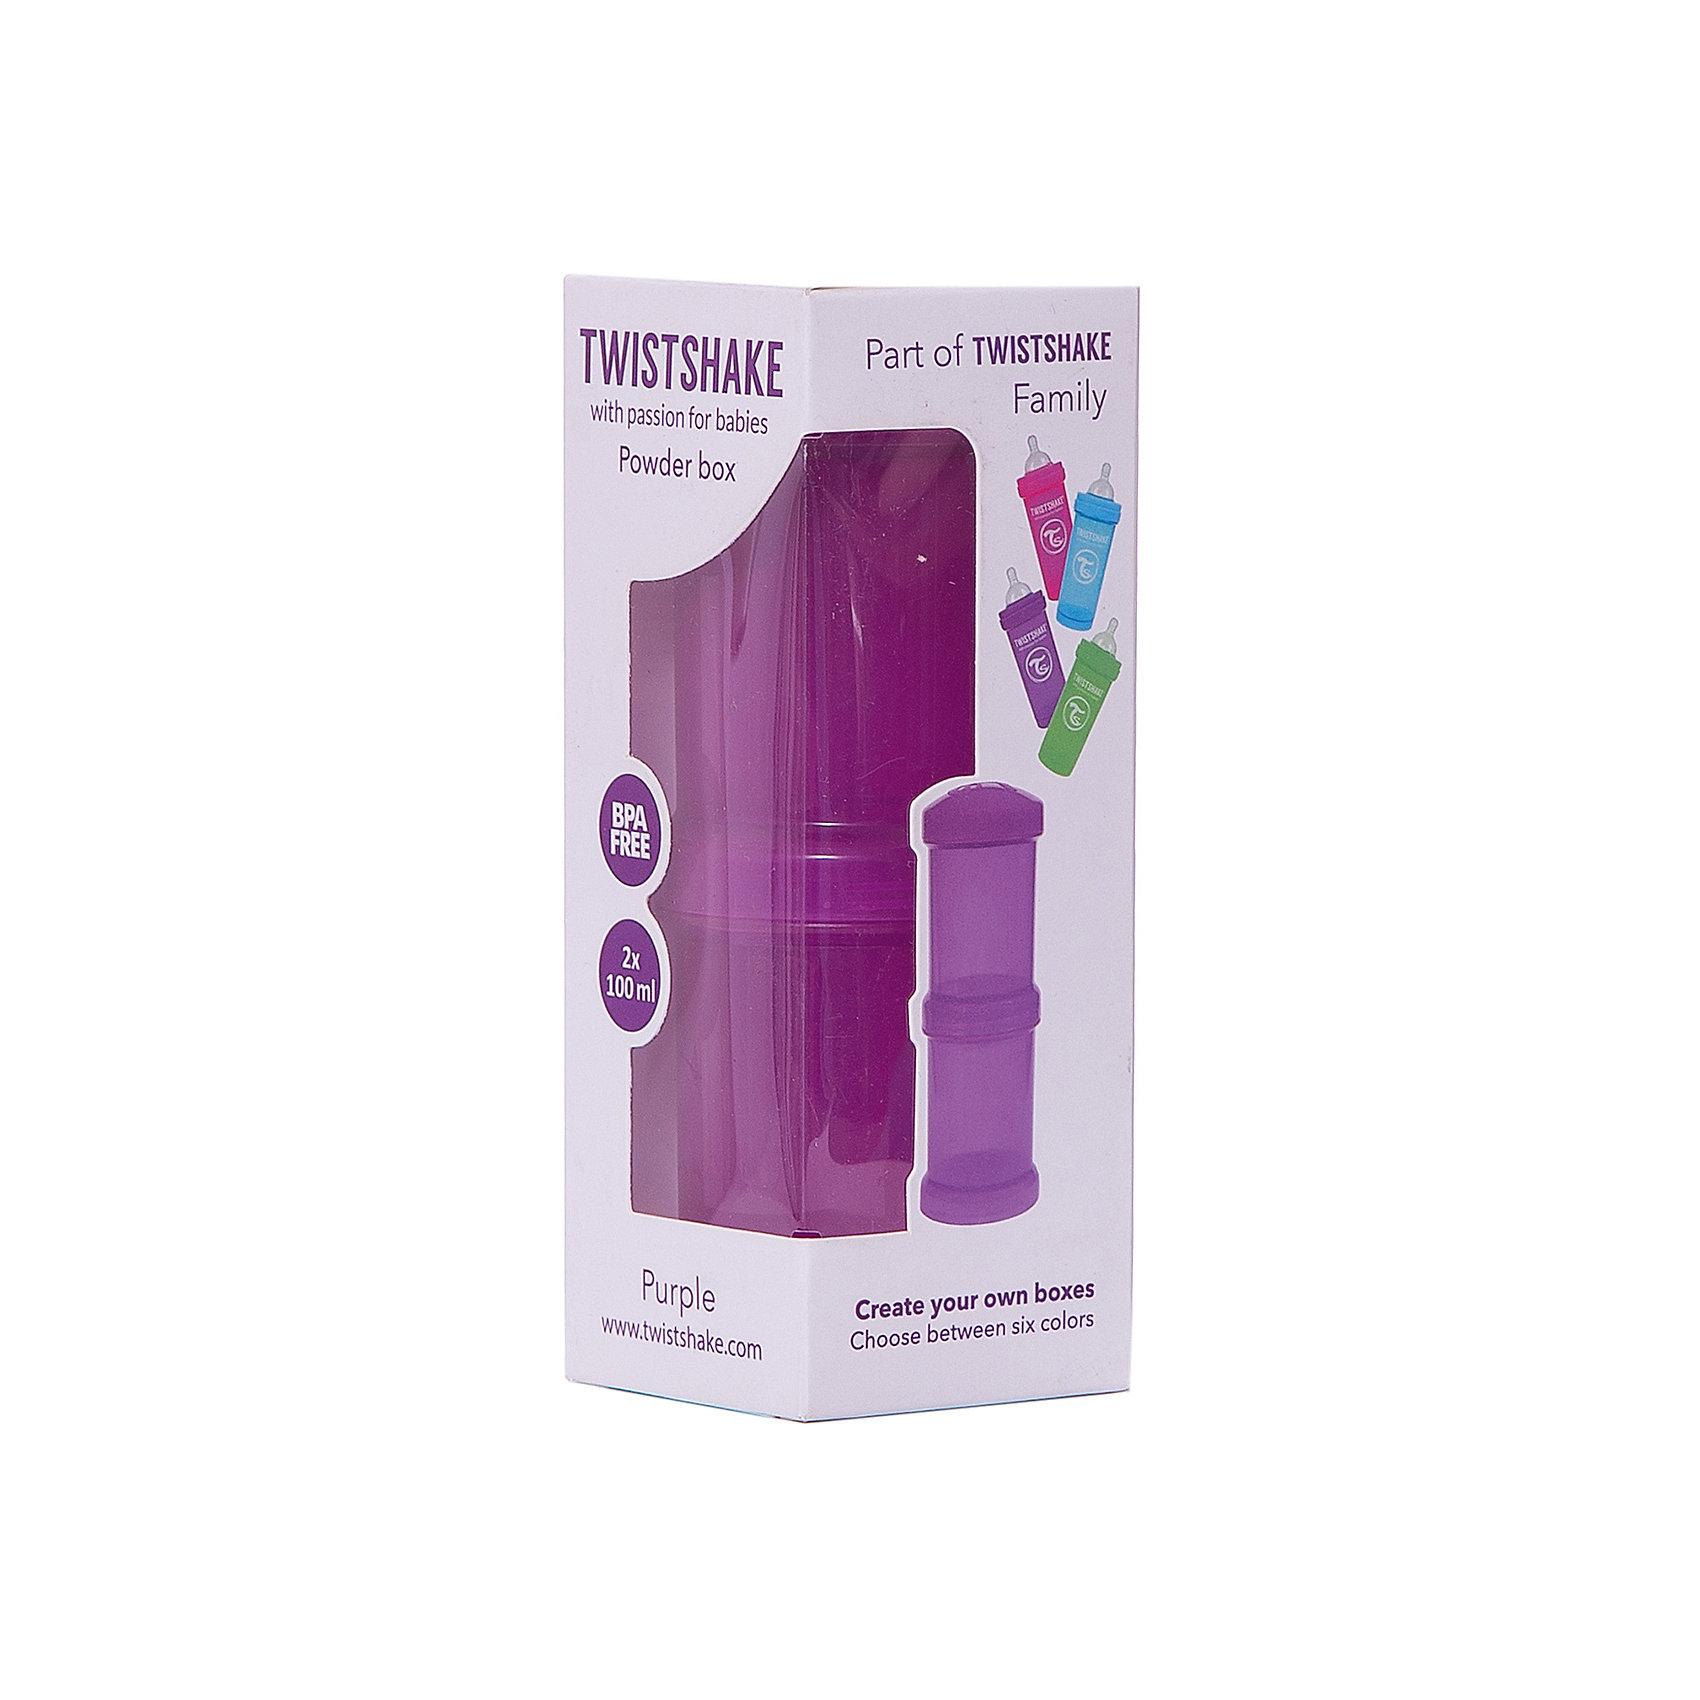 Контейнер для сухой смеси 100 мл. 2 шт., TwistShake, фиолетовыйКонтейнер для сухой смеси 100 мл. 2 шт., фиолетовый от шведского бренда Twistshake (Твистшейк), придет по вкусу малышам и современным родителям. Эти контейнеры прекрасно подходят для хранения детской смеси и оптимальны в использовании, их горлышко меньше горлышка любых бутылочек Twistshake (Твистшейк), потому позволяют пересыпать смесь без просыпания. Контейнеры также подходят для хранения каш, фруктов, сухофруктов, печенья или других необходимых на прогулке или в дороге продуктов. Материал контейнеров не содержит бисфенол А. Удобная форма горлышка обеспечивает доступ к полной промывки контейнера, можно стерилизовать как холодным, так и горячим методами. <br><br>Дополнительная информация:<br><br>- В комплект входит: два контейнера по 100 мл. <br>- Состав: 100% пропиллен<br><br>Контейнер для сухой смеси 100 мл. 2 шт., TwistShake, фиолетовый можно купить в нашем интернет-магазине.<br>Подробнее:<br>• Для детей в возрасте: от 0 лет <br>• Номер товара: 4976060<br>Страна производитель: Китай<br><br>Ширина мм: 55<br>Глубина мм: 55<br>Высота мм: 150<br>Вес г: 75<br>Возраст от месяцев: 0<br>Возраст до месяцев: 36<br>Пол: Унисекс<br>Возраст: Детский<br>SKU: 4976060